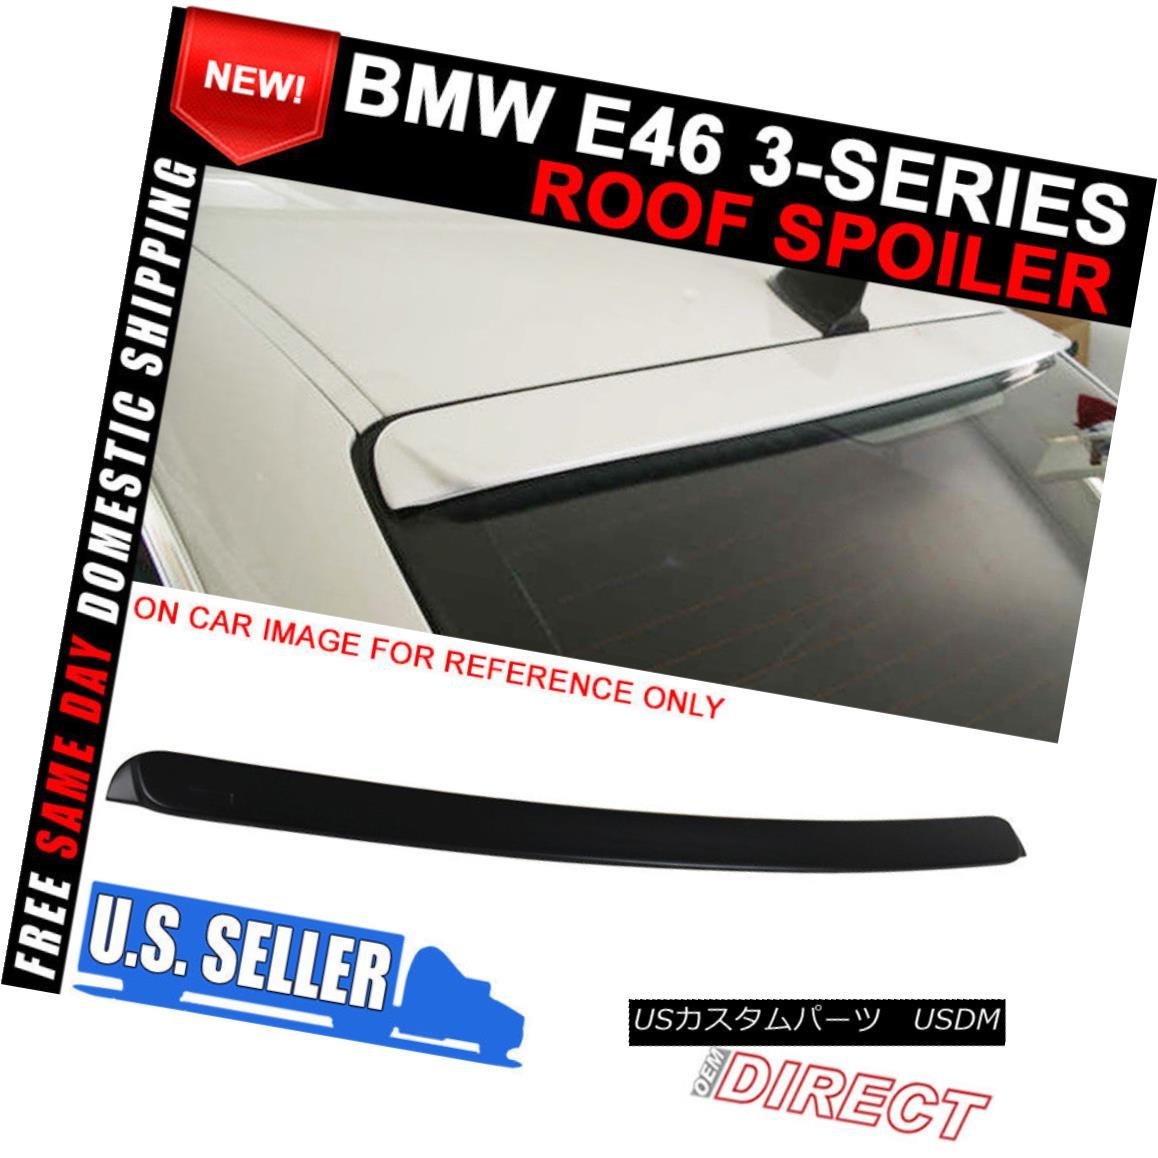 エアロパーツ 99-05 BMW E46 3-Series Ac Style Unpainted ABS Roof Spoiler 99-05 BMW E46 3シリーズACスタイル無塗装ABSルーフスポイラー